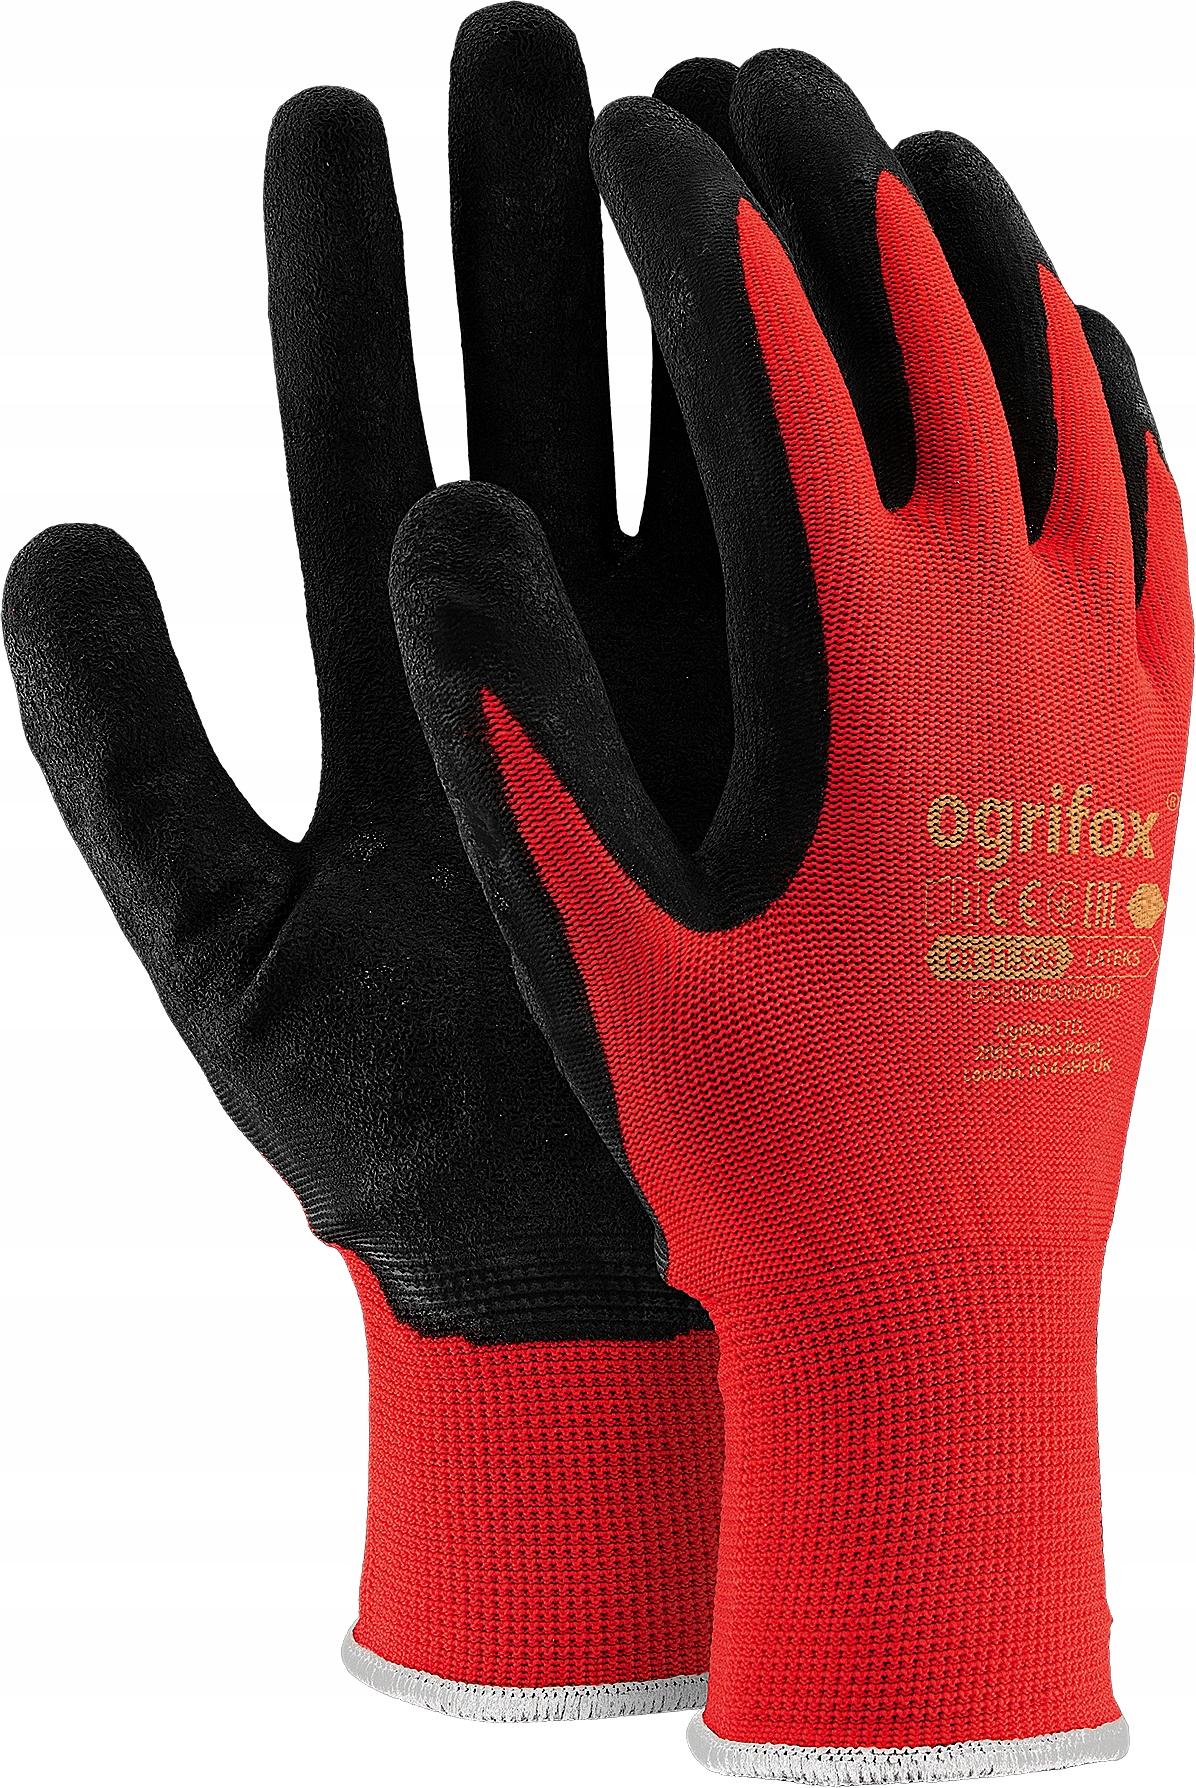 Rękawiczki RĘKAWICE robocze powlekane lateksem r10